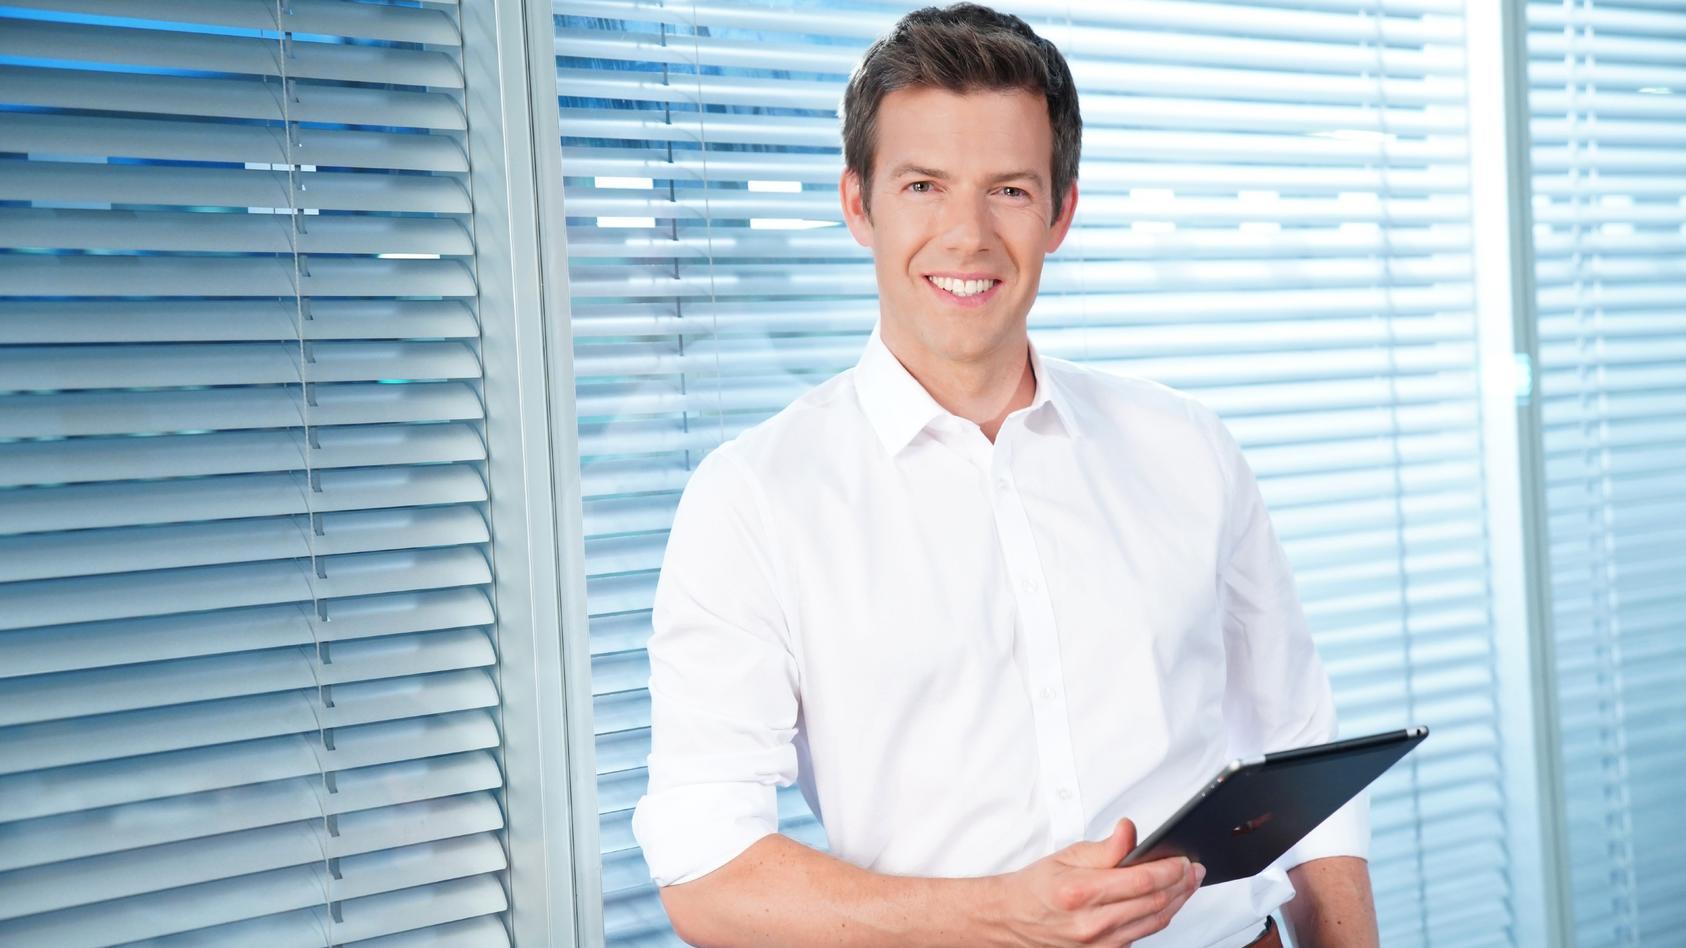 RTL Aktuell Sondersendung mit Moderator Maik Meuser